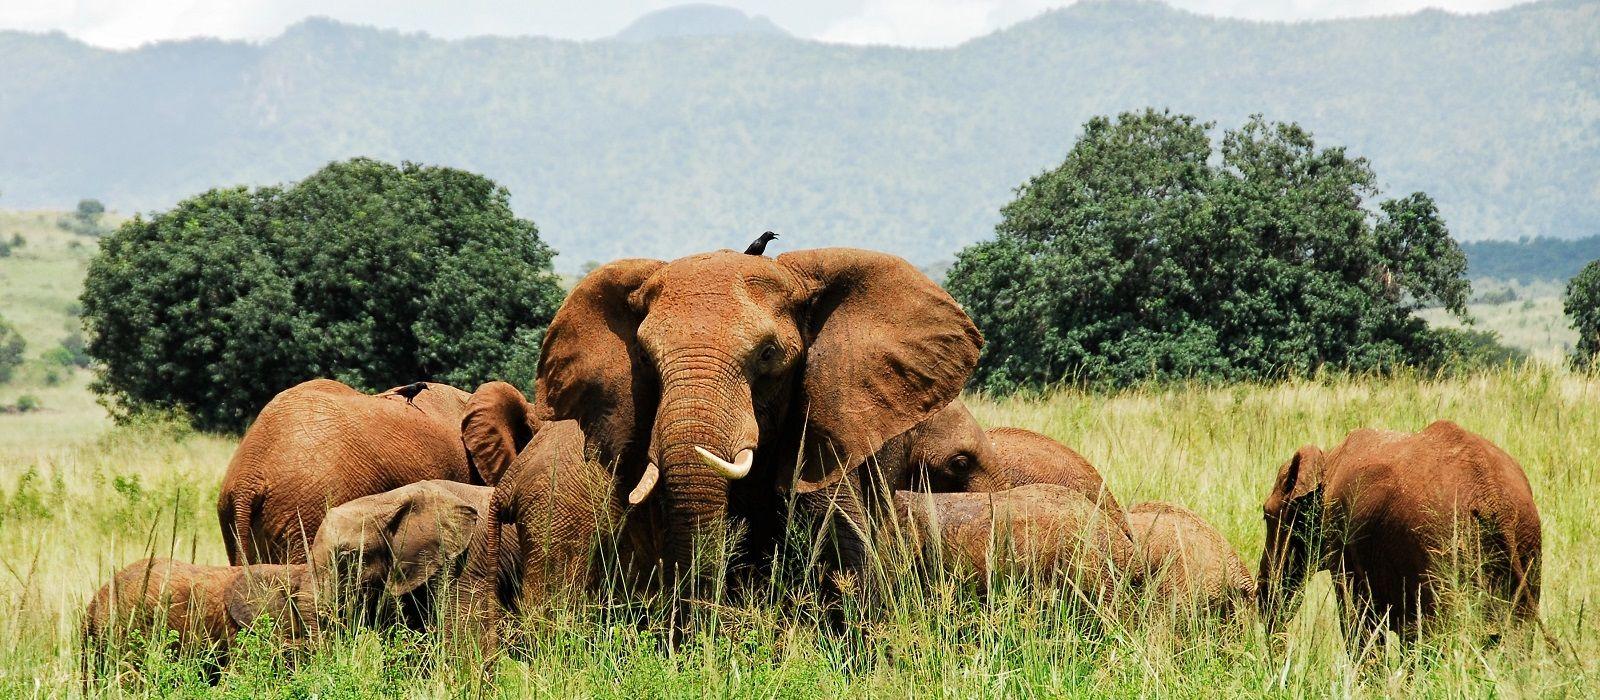 Grand of Uganda Tour Trip 4